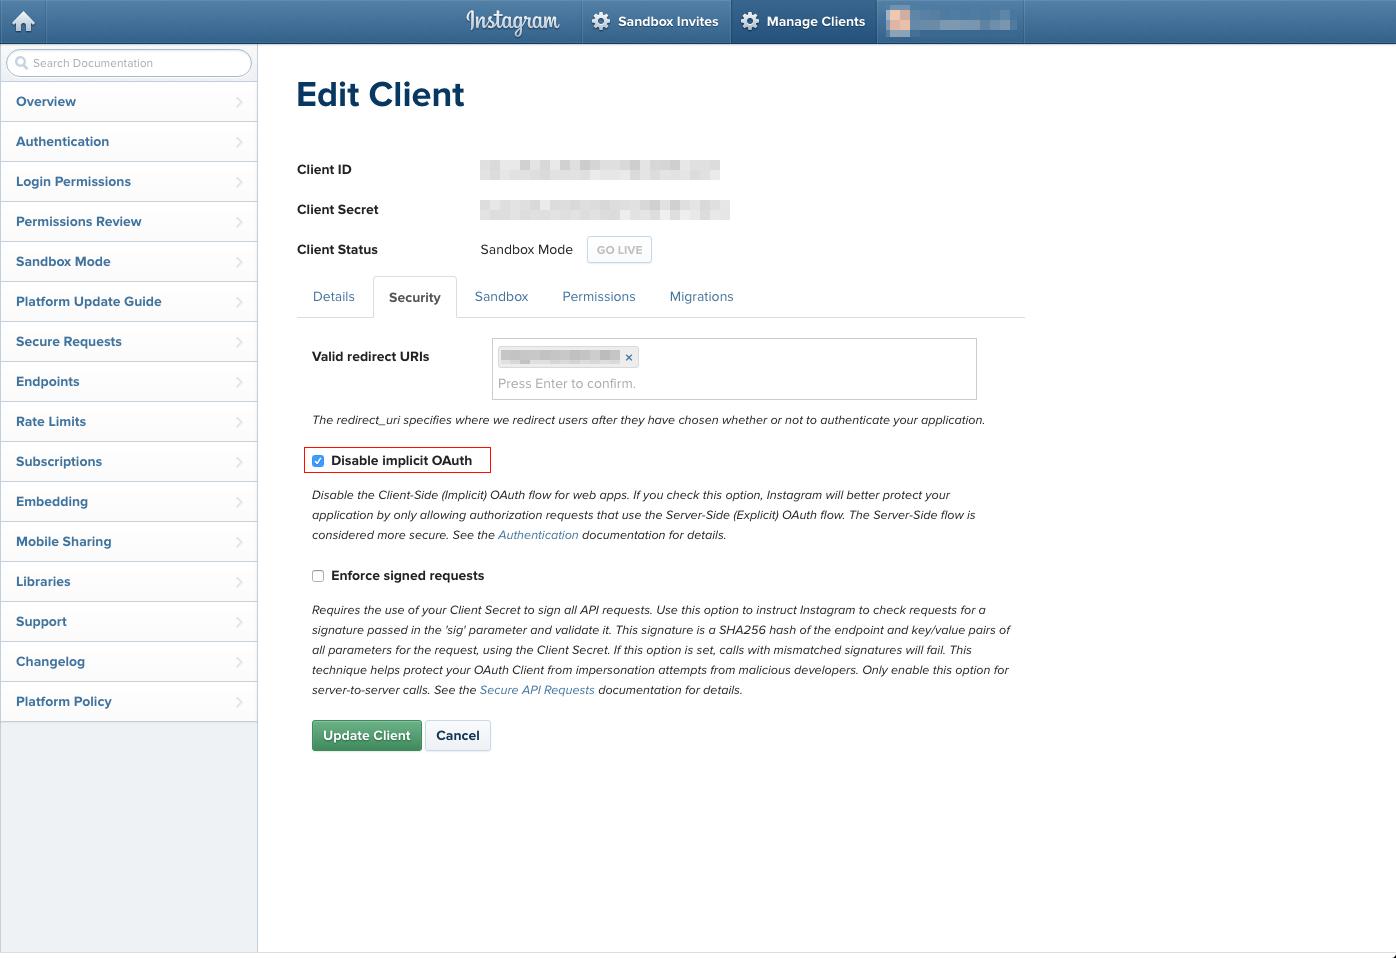 Disable implicit OAuthのチェックを外して再度アクセス